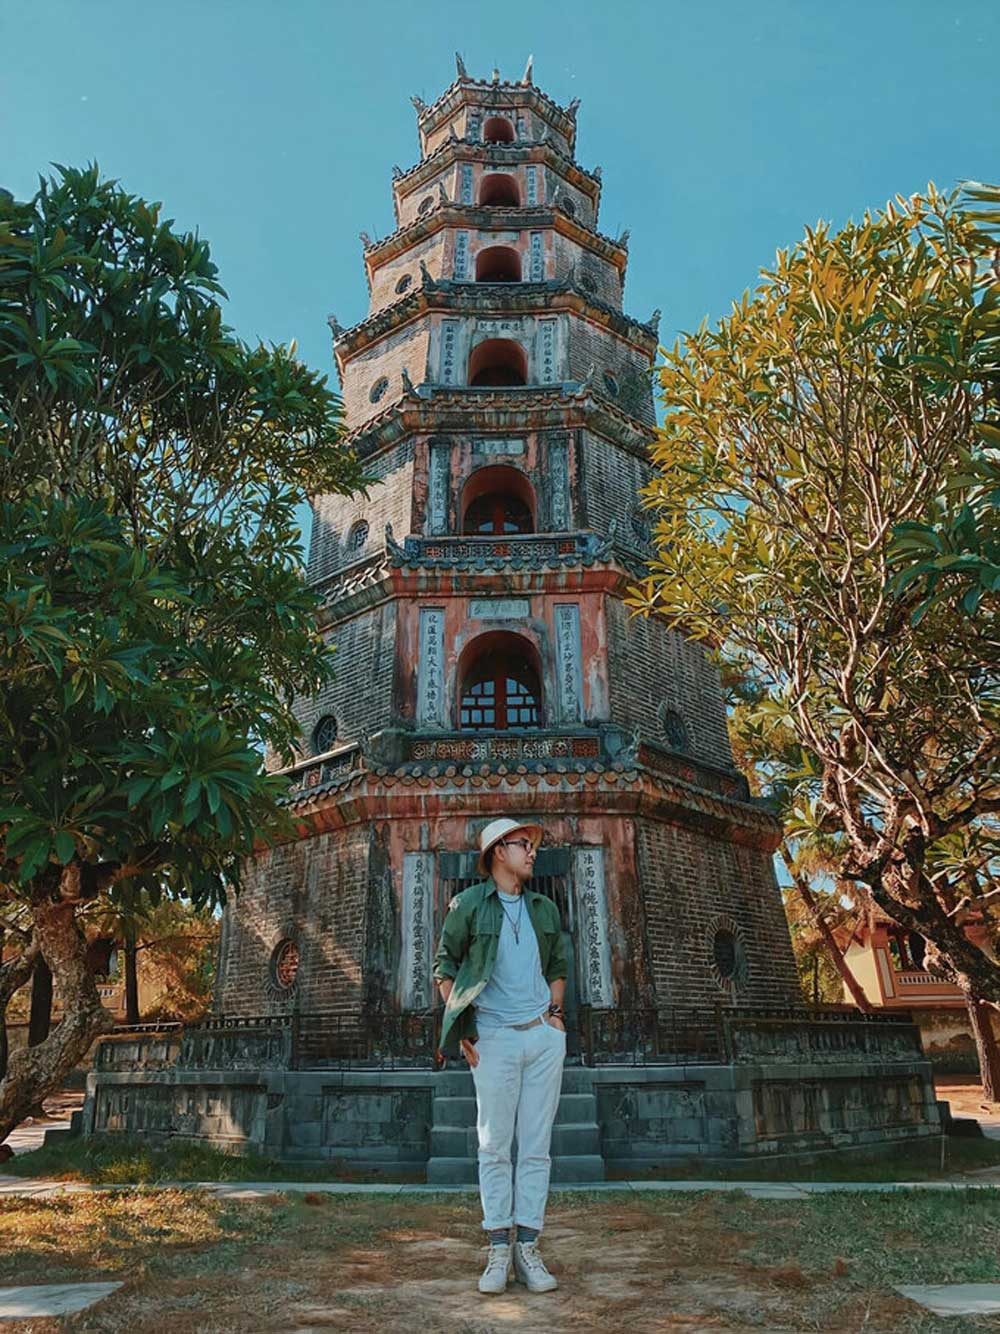 Chùa cổ, 400 tuổi, bên dòng sông Hương, chùa Thiên Mụ, thu hút du khách, câu chuyện lịch sử, kiến trúc độc đáo